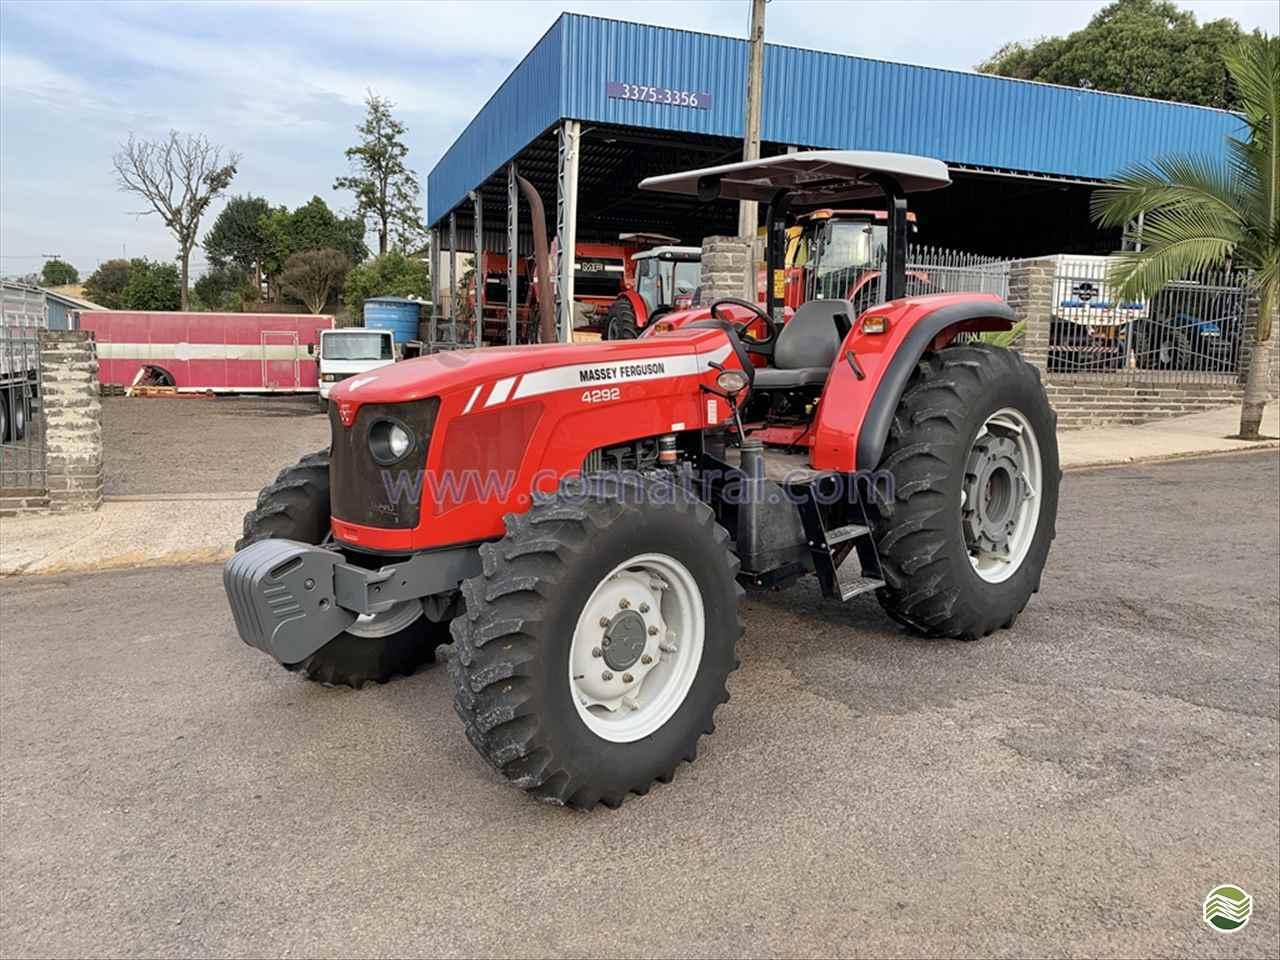 TRATOR MASSEY FERGUSON MF 4292 Tração 4x4 Comatral Caminhões e Máquinas Agrícolas PANAMBI RIO GRANDE DO SUL RS